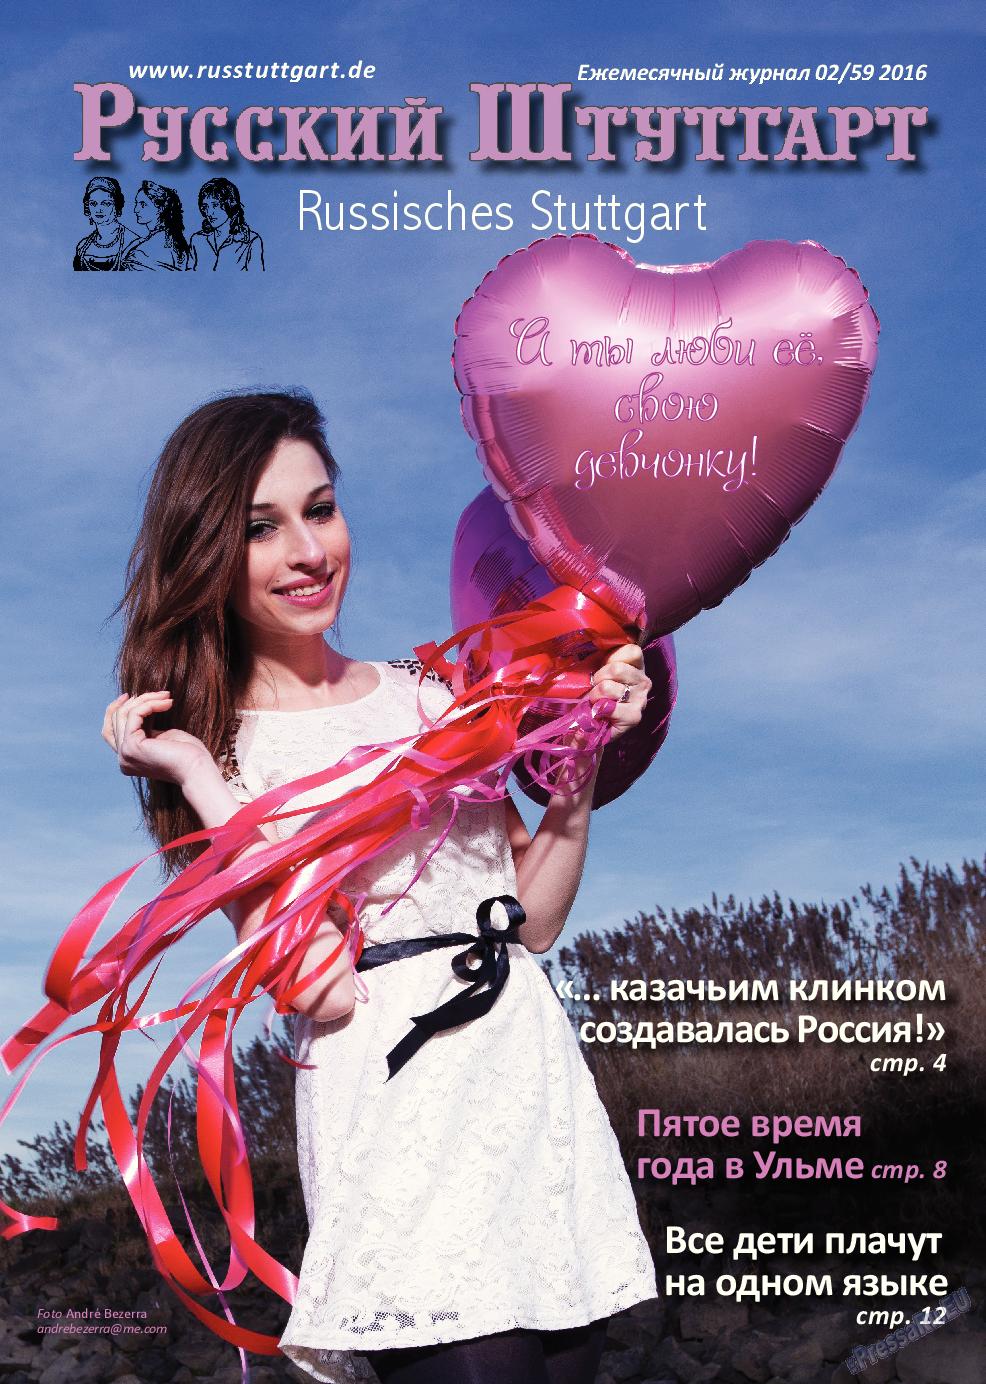 Русский Штутгарт (журнал). 2016 год, номер 59, стр. 1